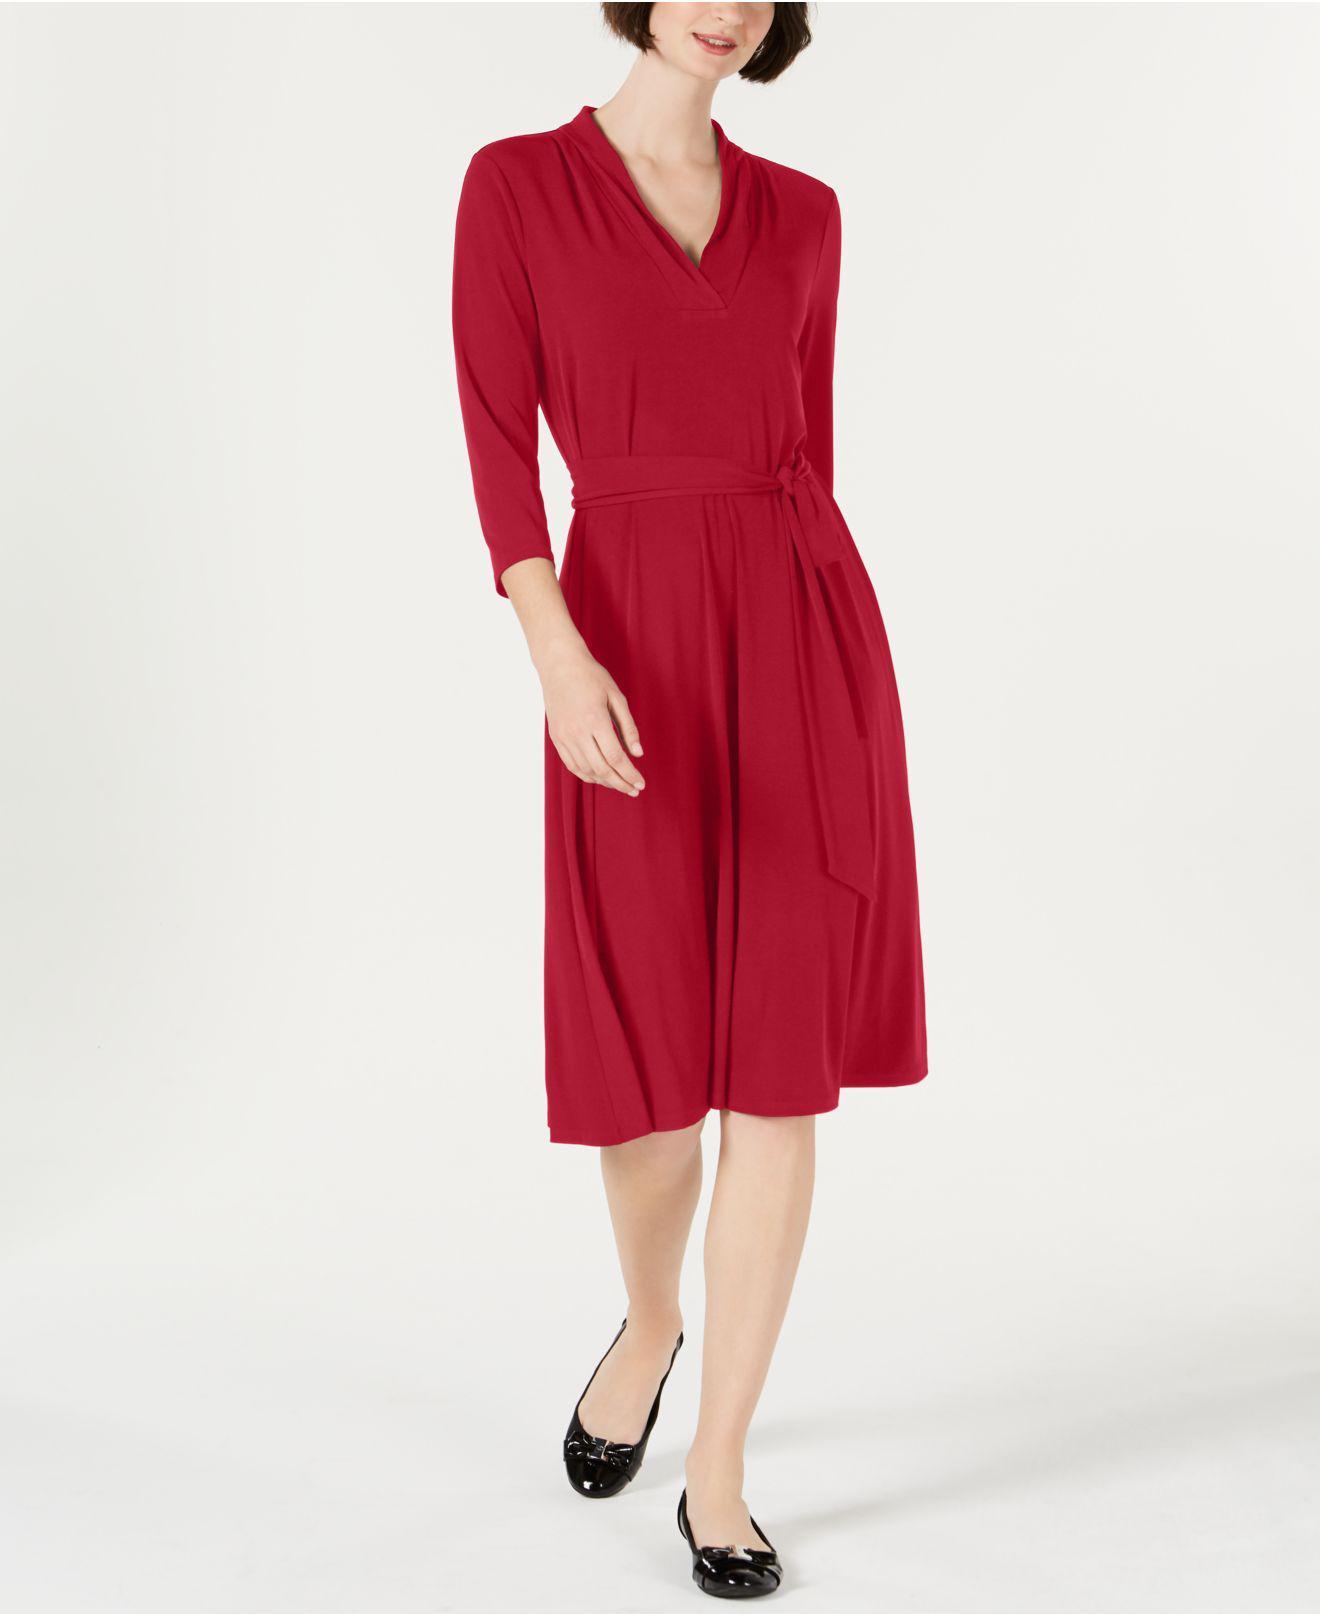 b6b0007777 Charter Club. Women s Red Petite Solid Midi Dress ...